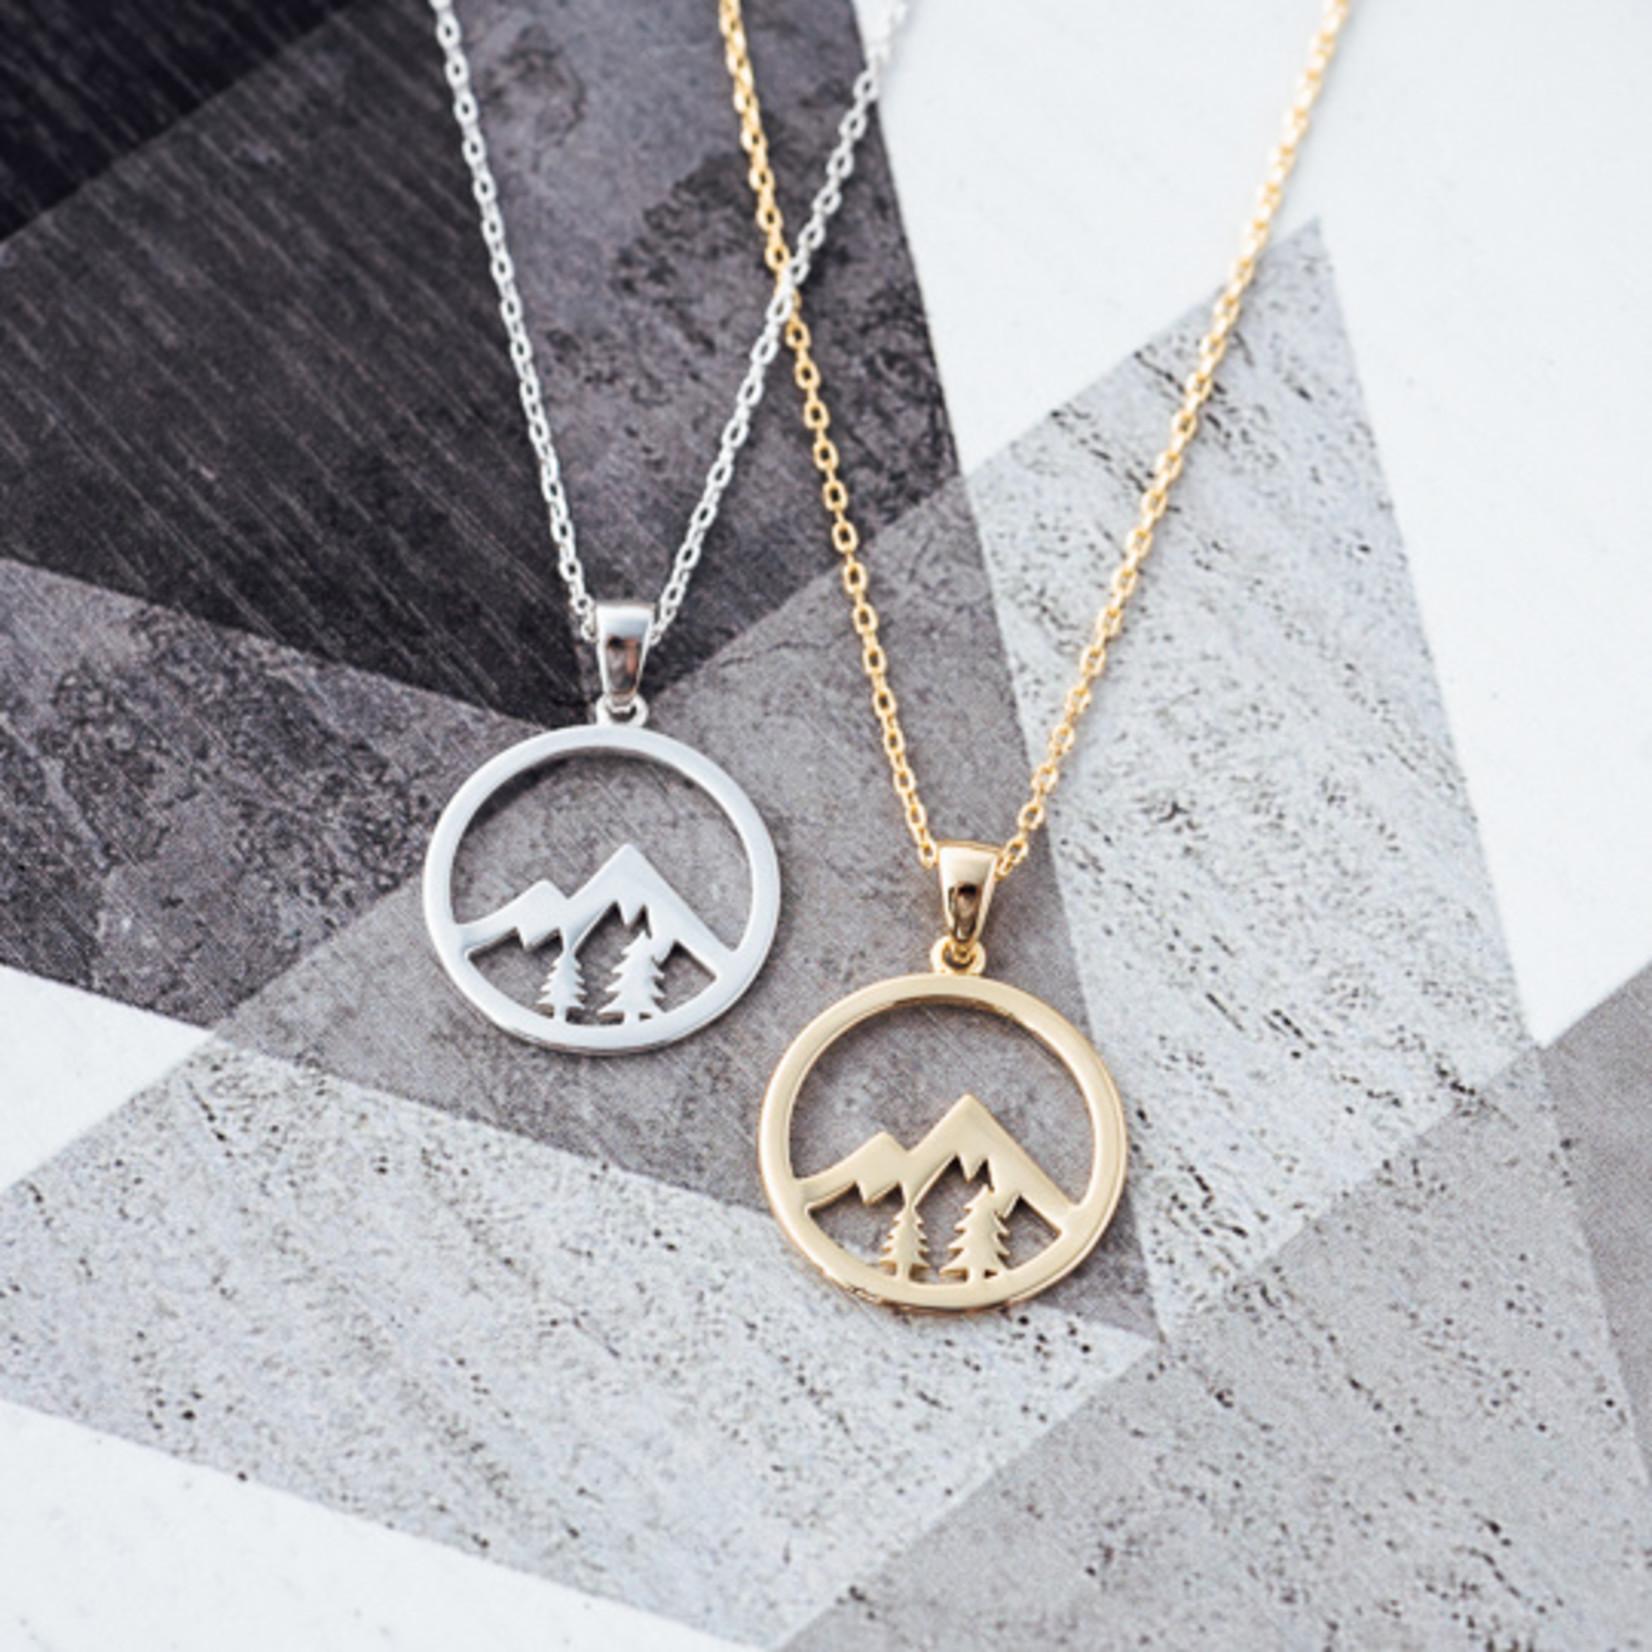 Glee Jewelry ~ Whistler Pendant